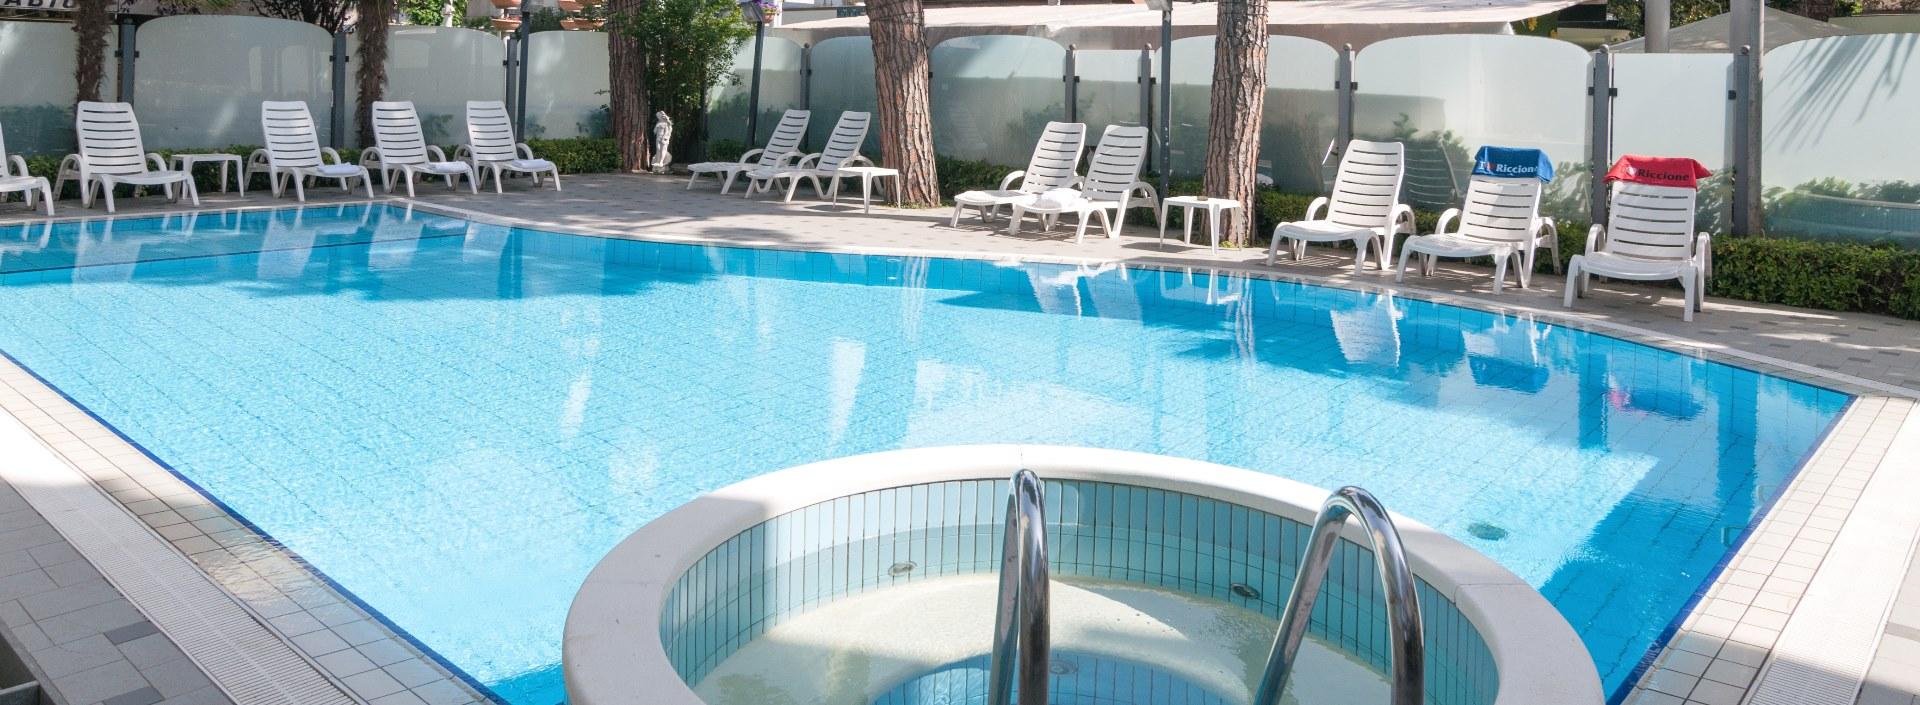 Offerte fine agosto 2017 riccione hotel con piscina e - Hotel con piscina a riccione ...